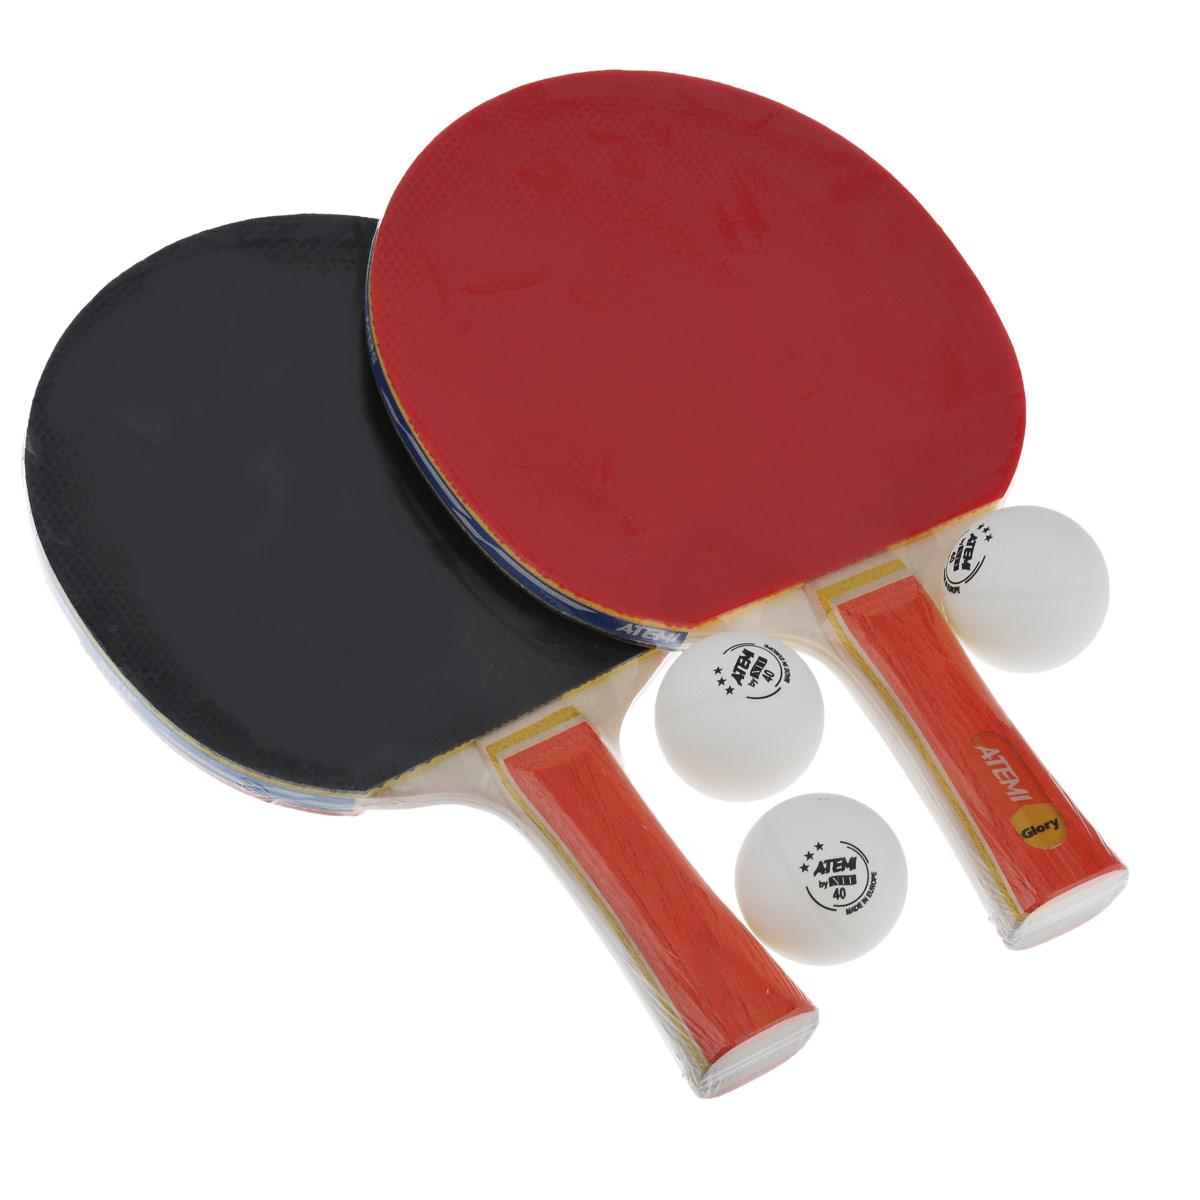 """Набор для настольного тенниса Atemi """"Glory"""" включает в себя 2 ракетки и 3 белых мячика, предназначен для тренировок. Ракетки выполнены из пятислойной фанеры и оснащены накладками из резины толщиной 1,8 мм. Анатомическая рукоятка эргономичной формы специально разработана для надежного хвата и комфортной игры. Хороший контроль, отличные игровые характеристики, высокая скорость игры. Настольный теннис - спортивная игра, основанная на перекидывании мяча ракетками через игровой стол с сеткой, цель которой  - не дать противнику отбить мяч.  Игра в настольный теннис развивает концентрацию, внимание, ловкость и координацию. Длина ракетки: 25 см. Диаметр шара: 4 см."""